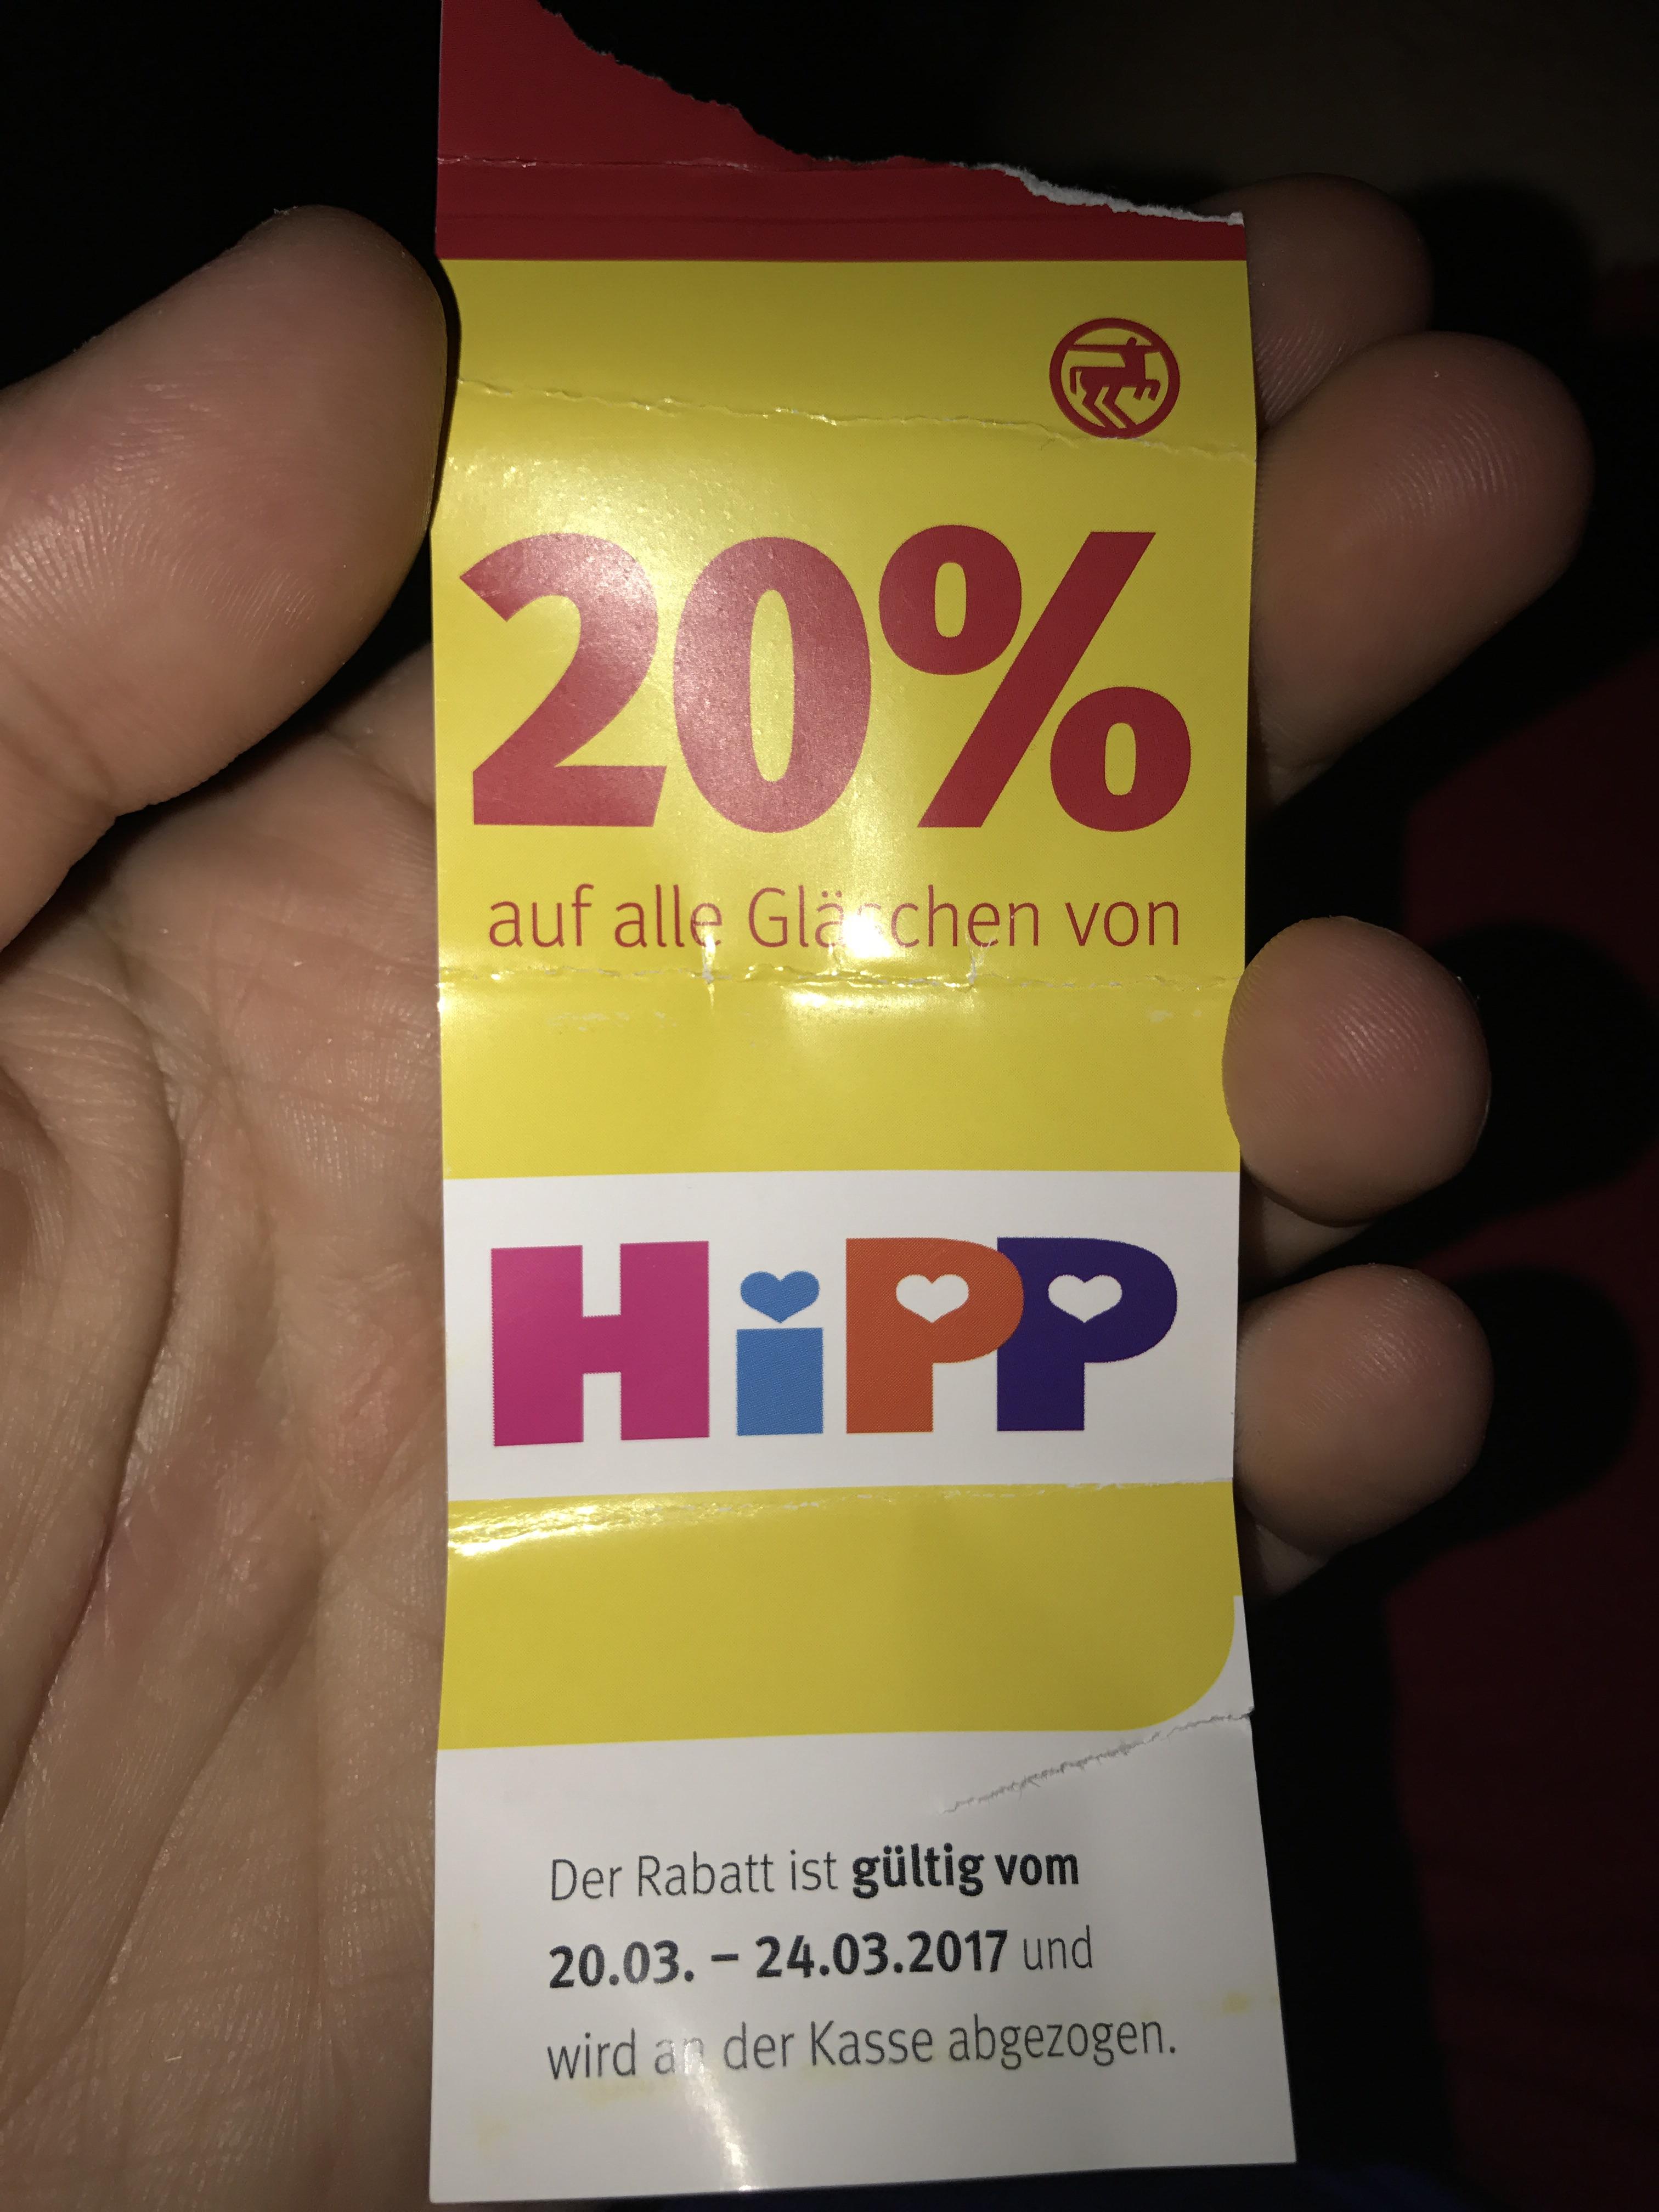 20% auf alle Hipp glässchen Rossman